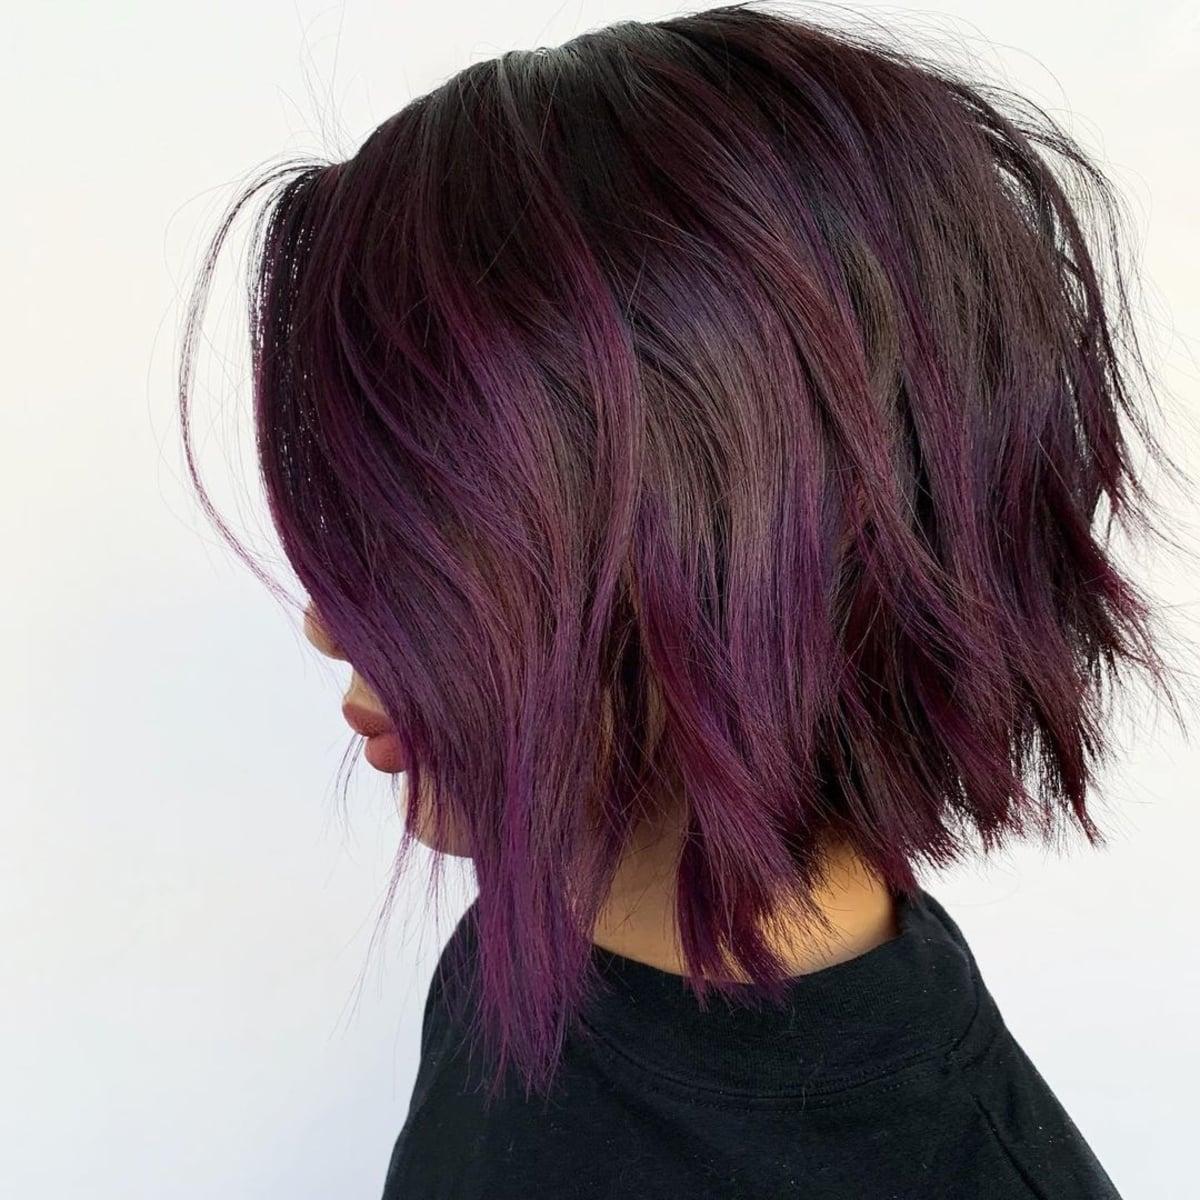 Des tons violets sur des cheveux empilés